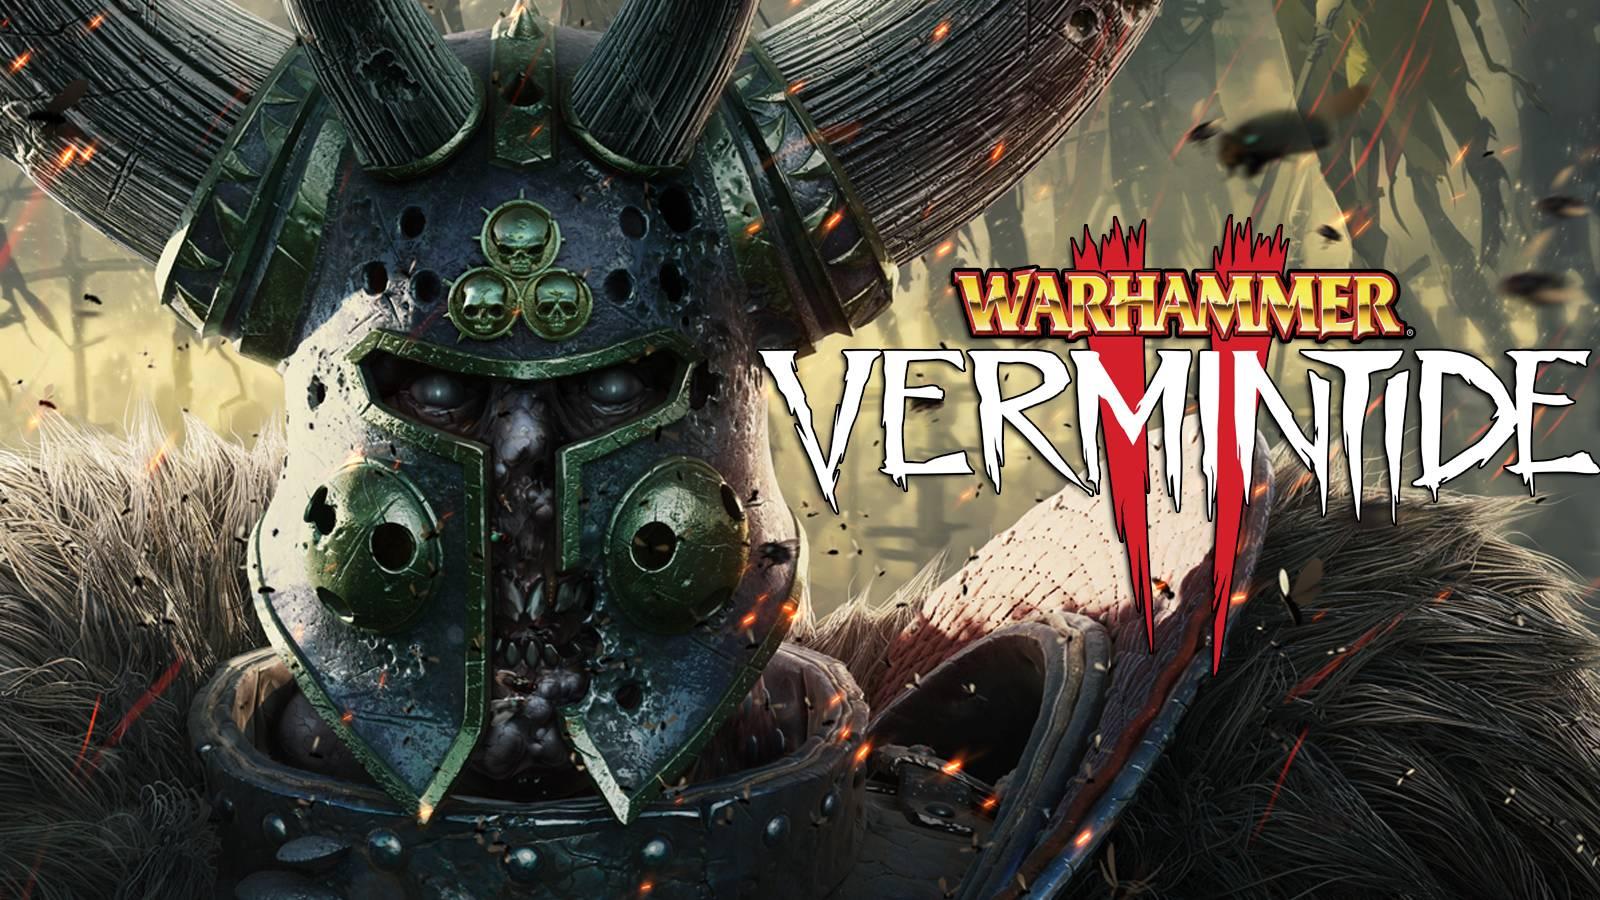 warhammer vermintide 2.jpg